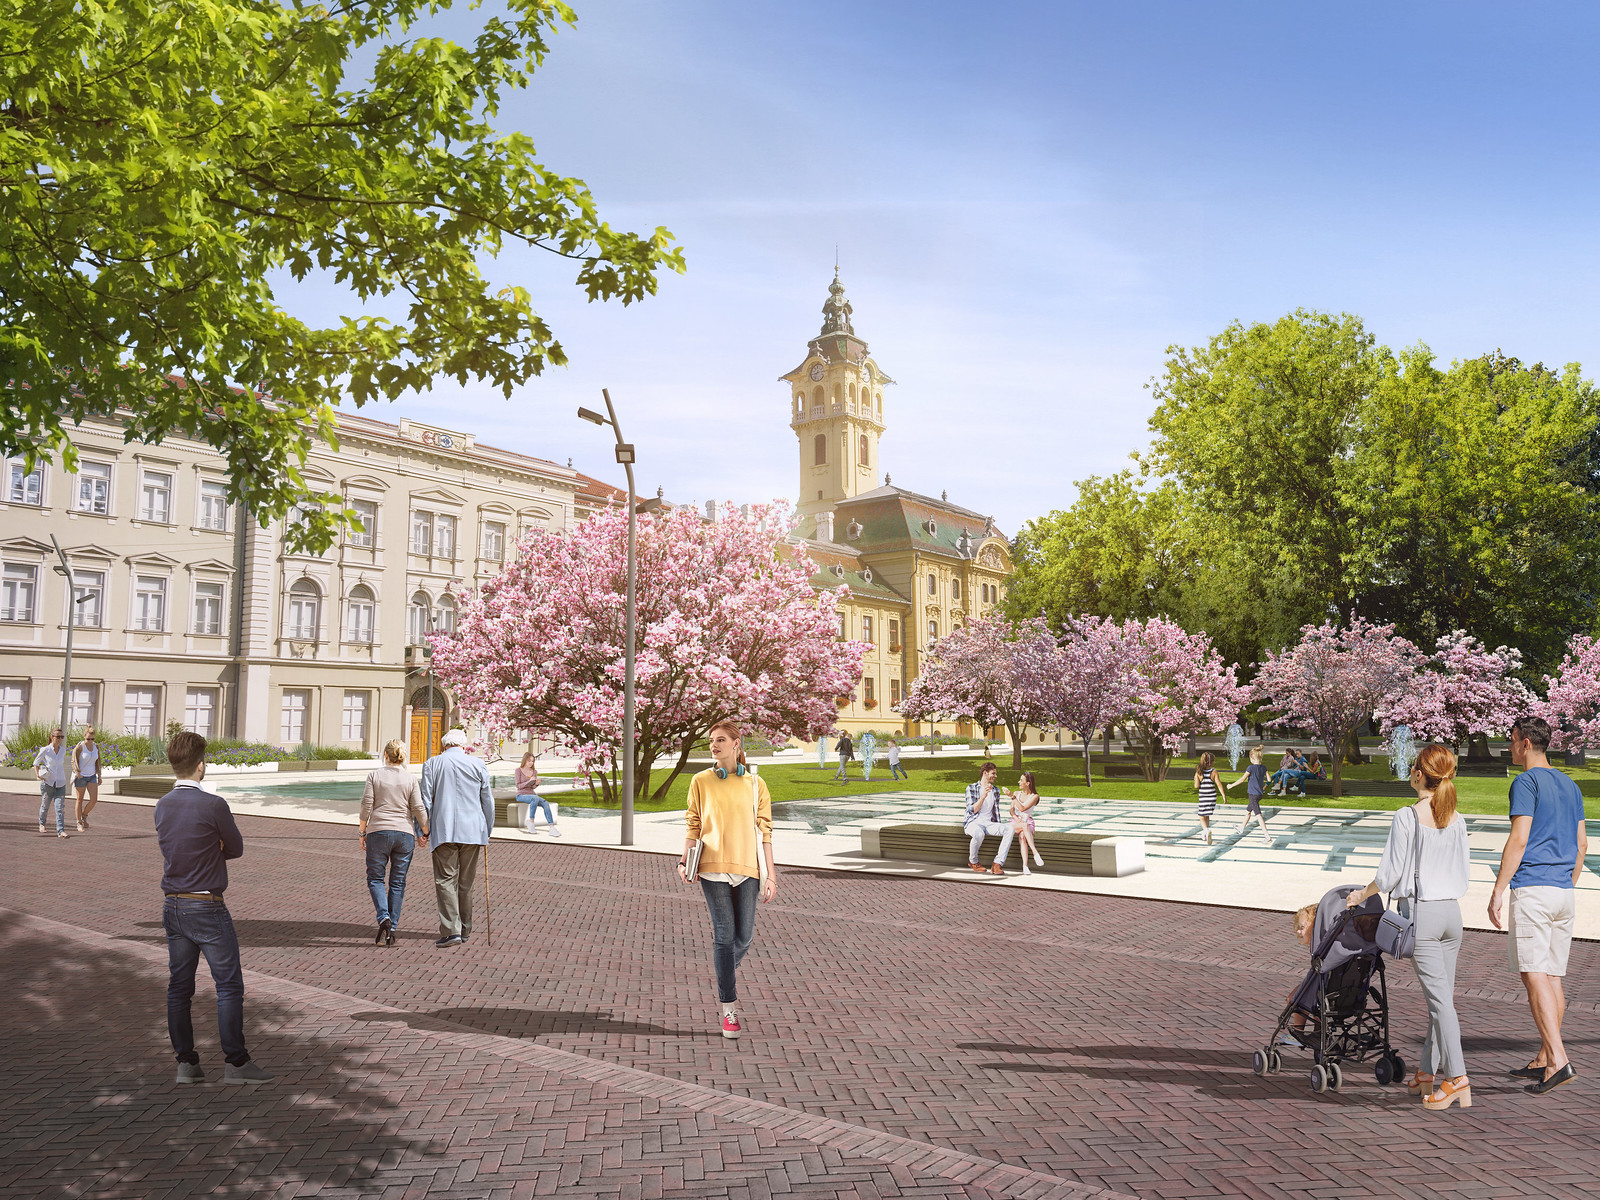 Elkészültek a Széchenyi tér végleges tervei, kár hogy nem lesz belőle semmi